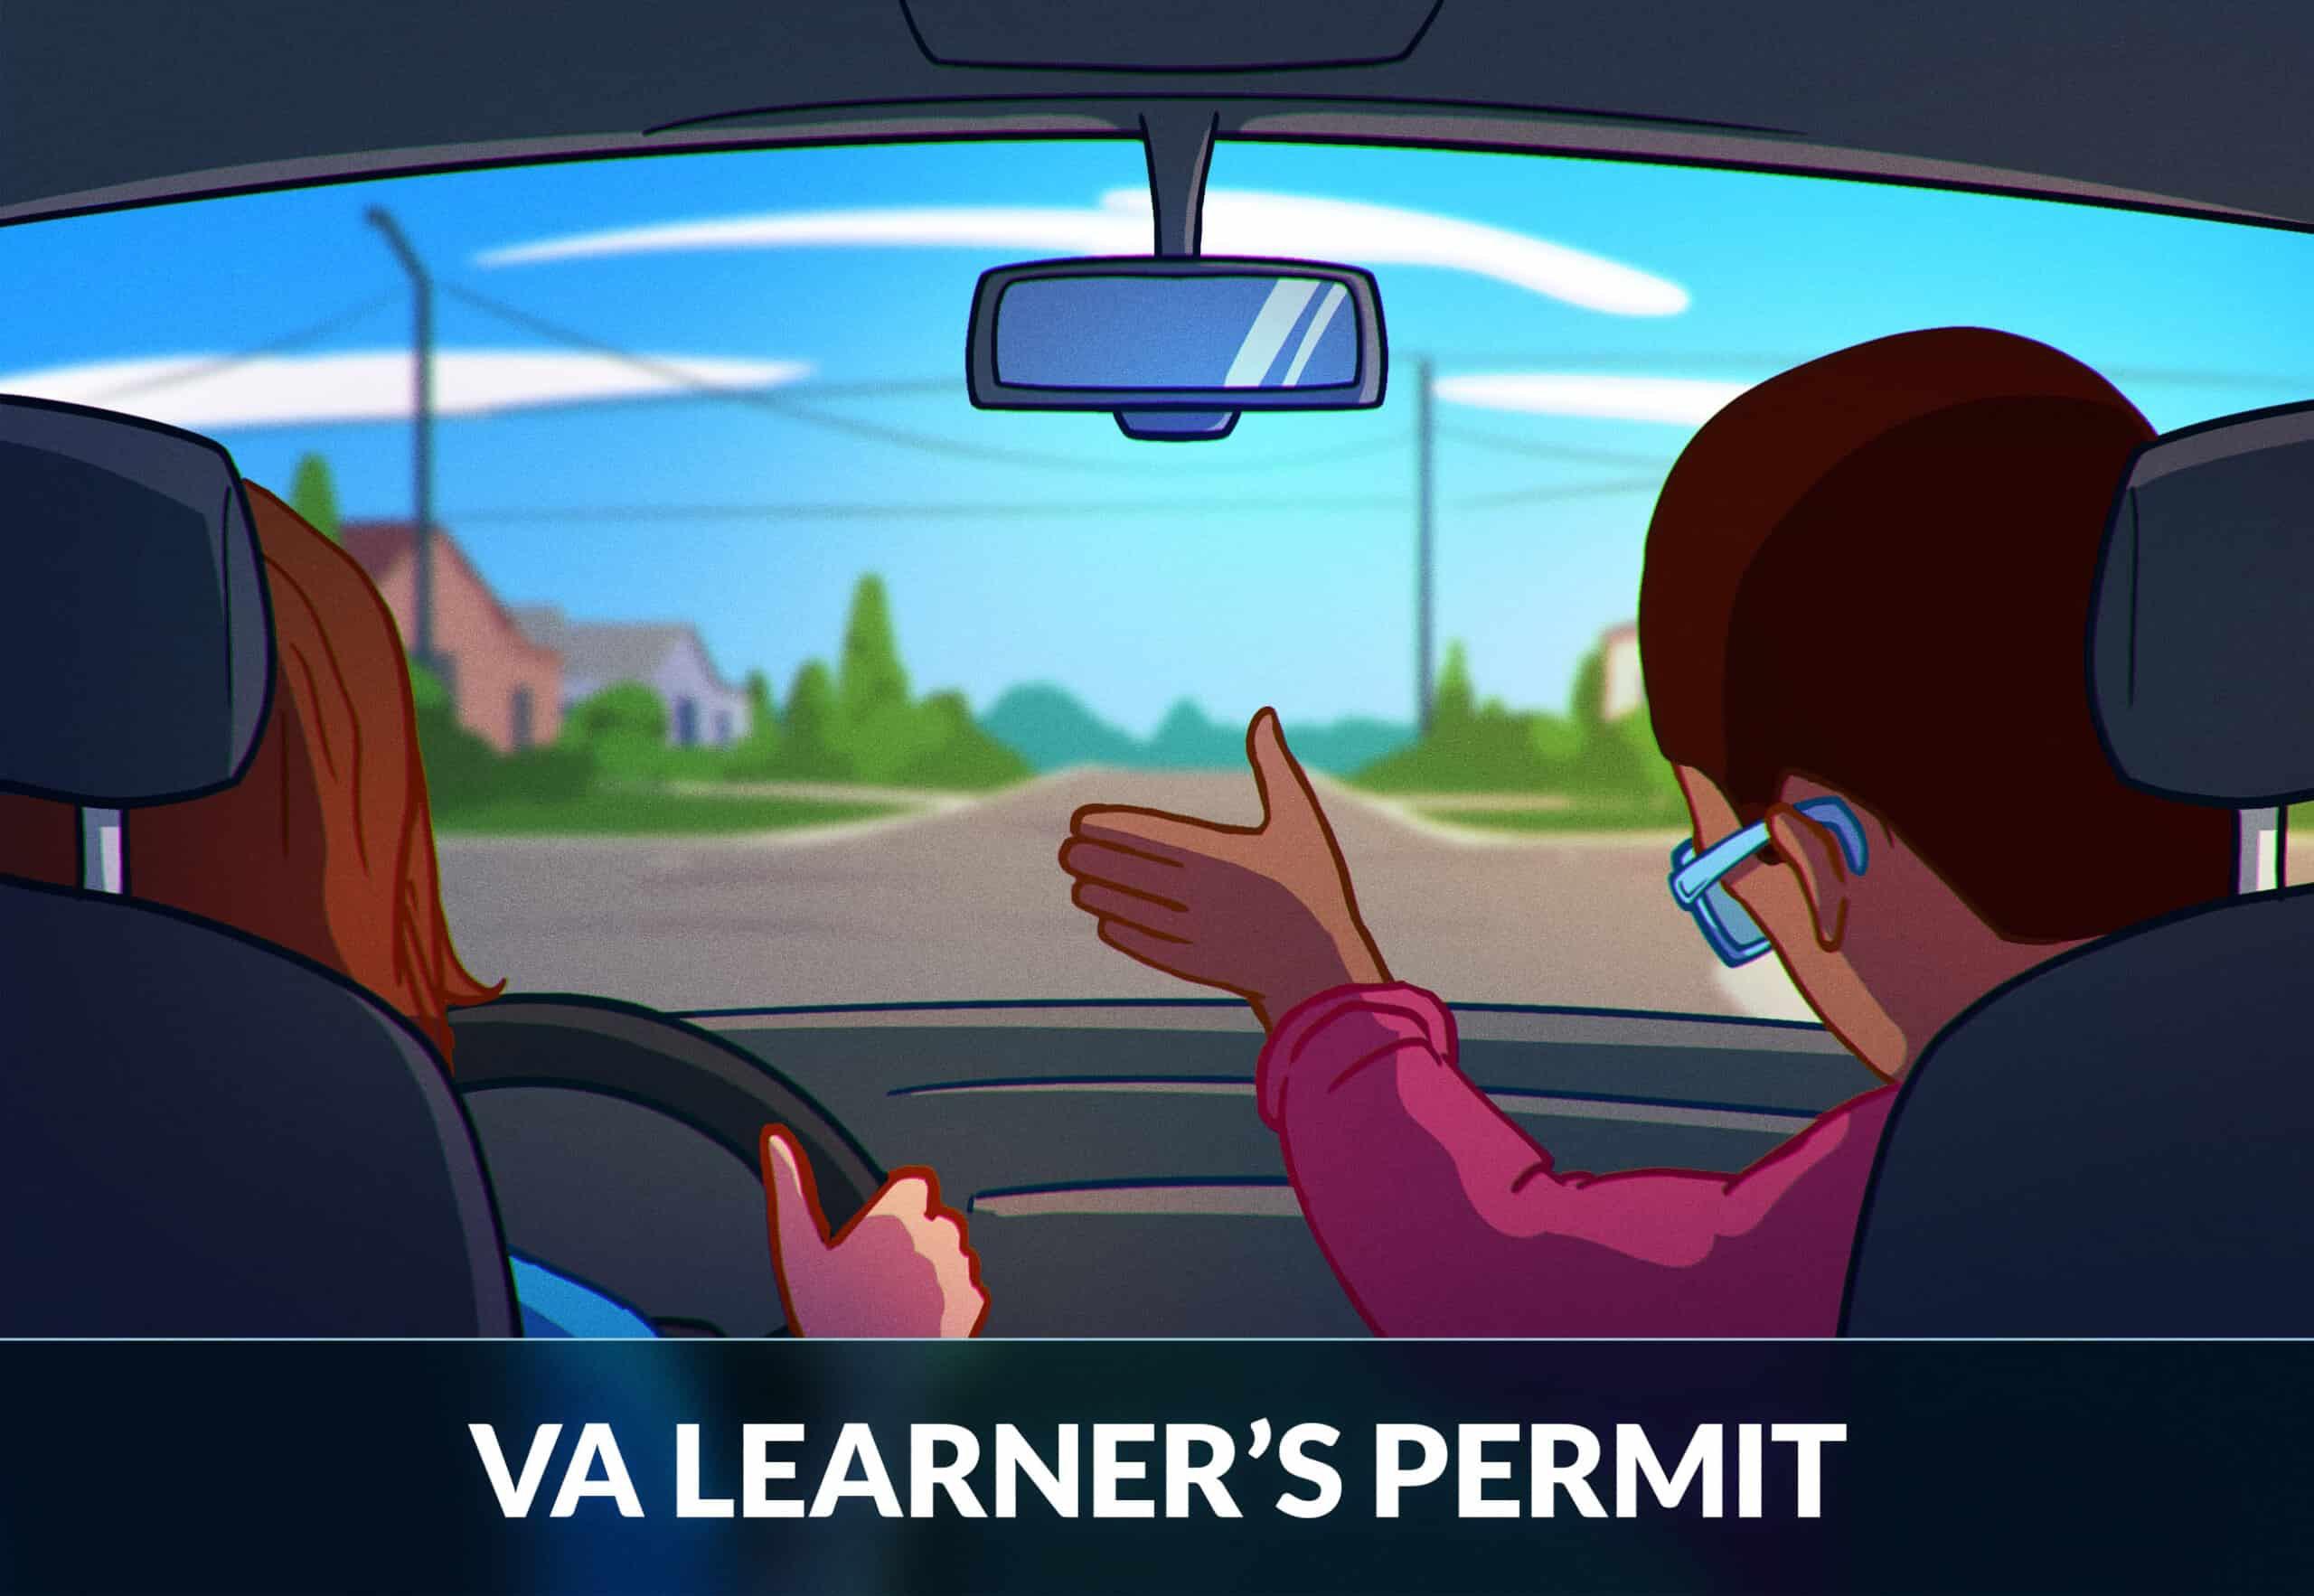 Virginia (VA) Learner's Permit